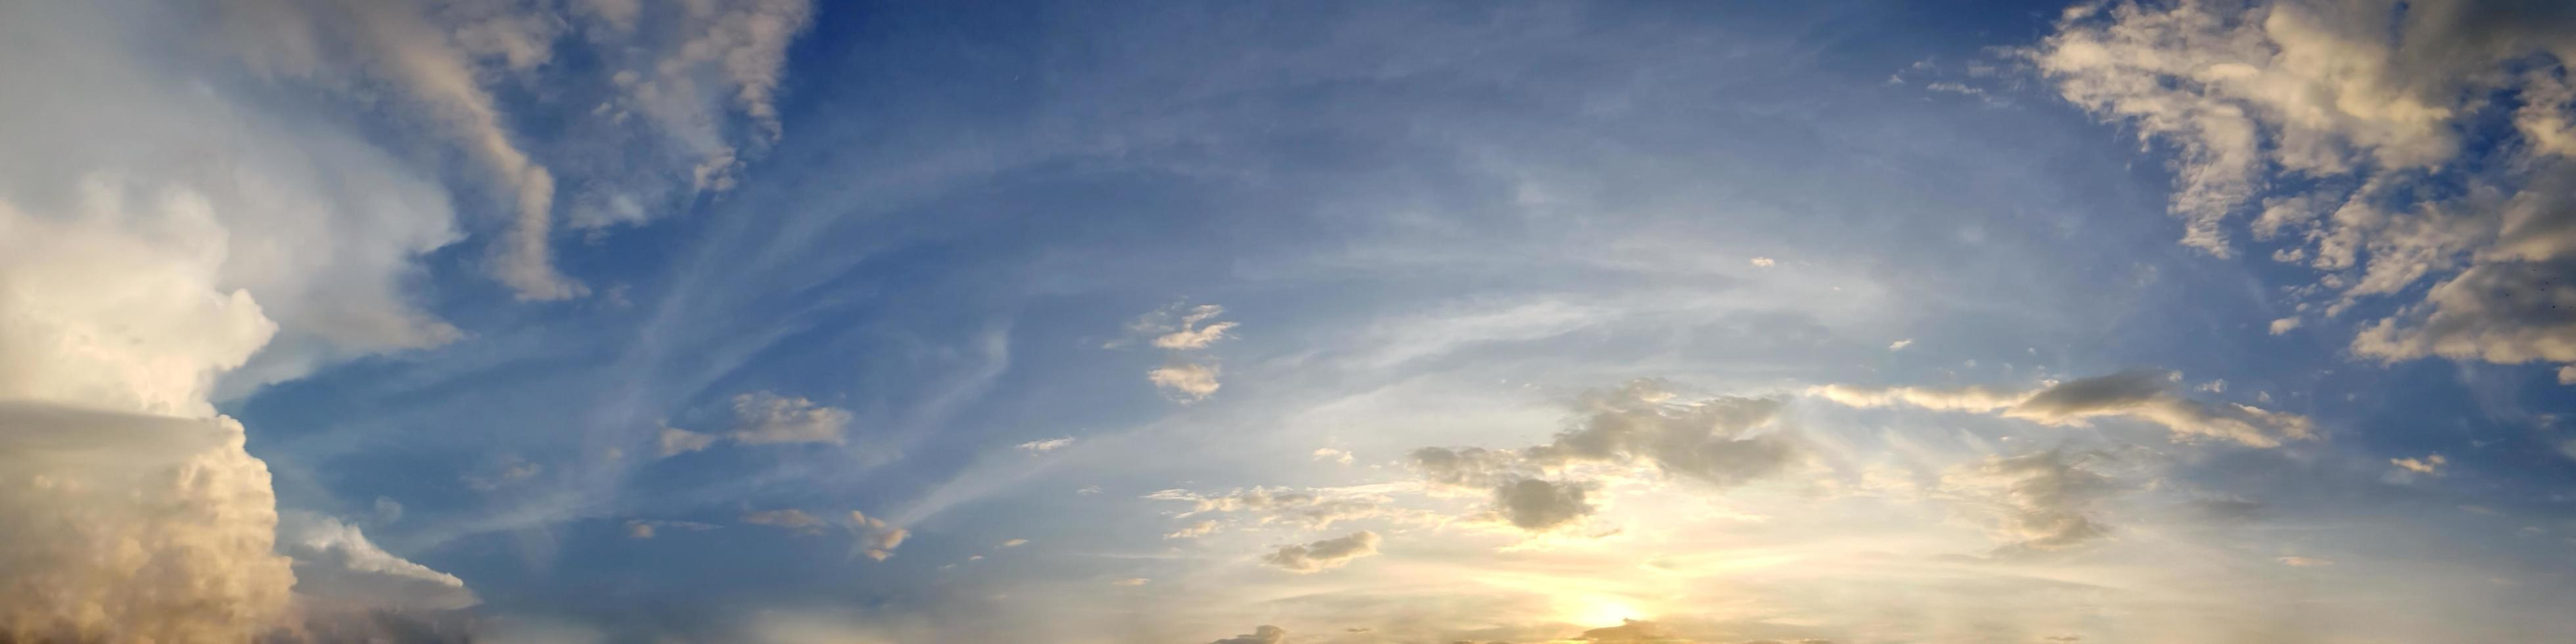 dramatischer panoramahimmel mit wolke in der dämmerung. foto